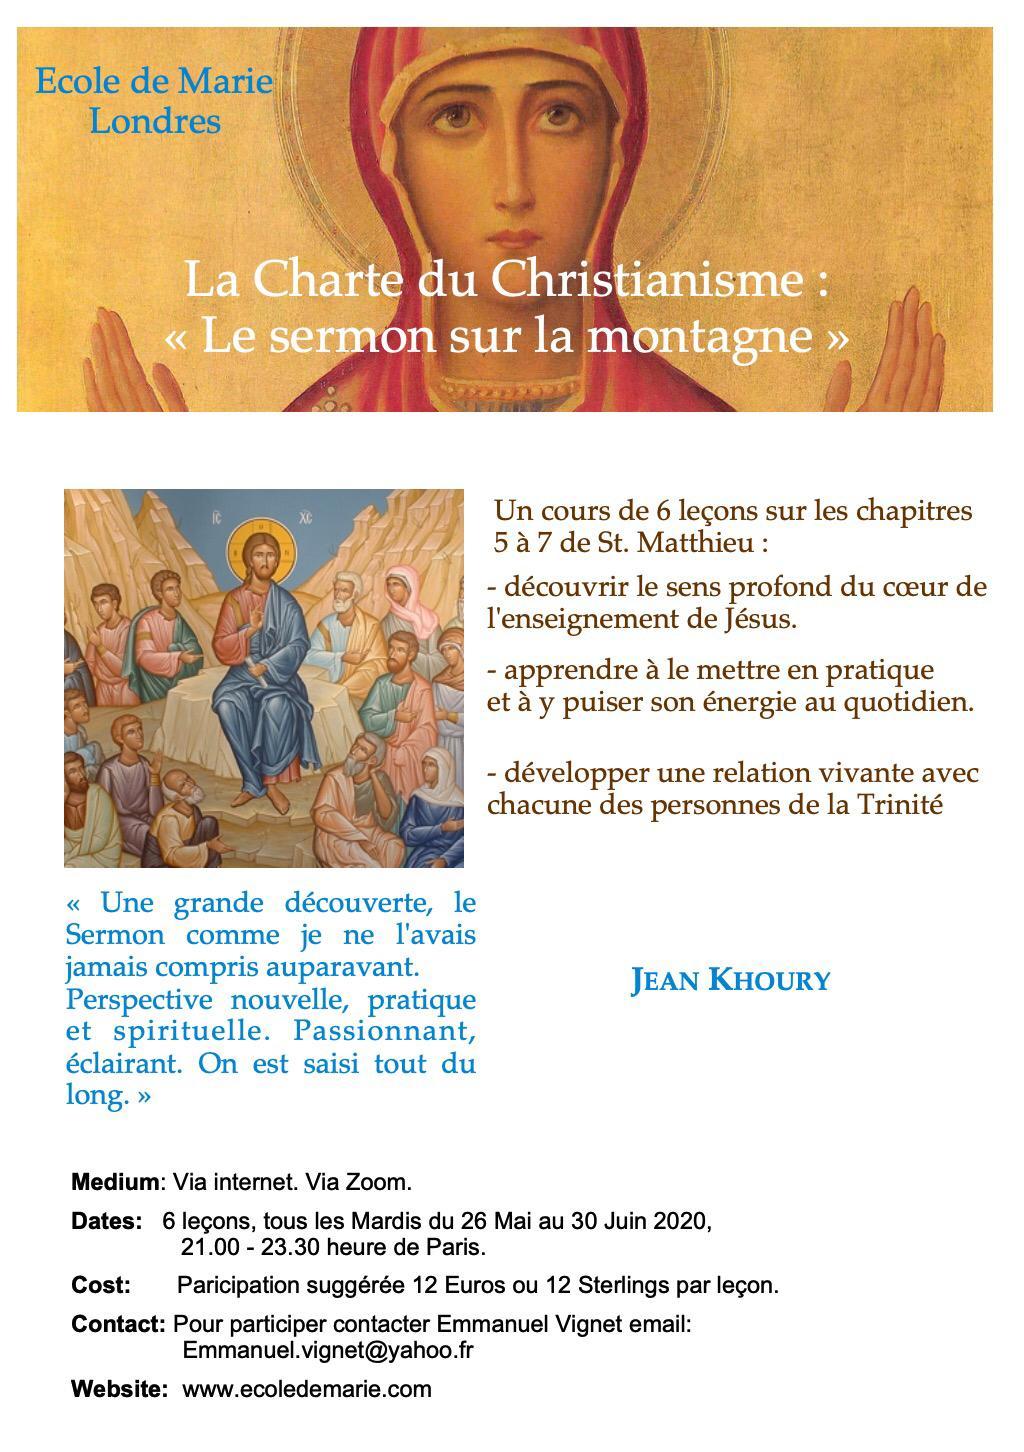 6 cours de Jean Khoury par internet Img-2010